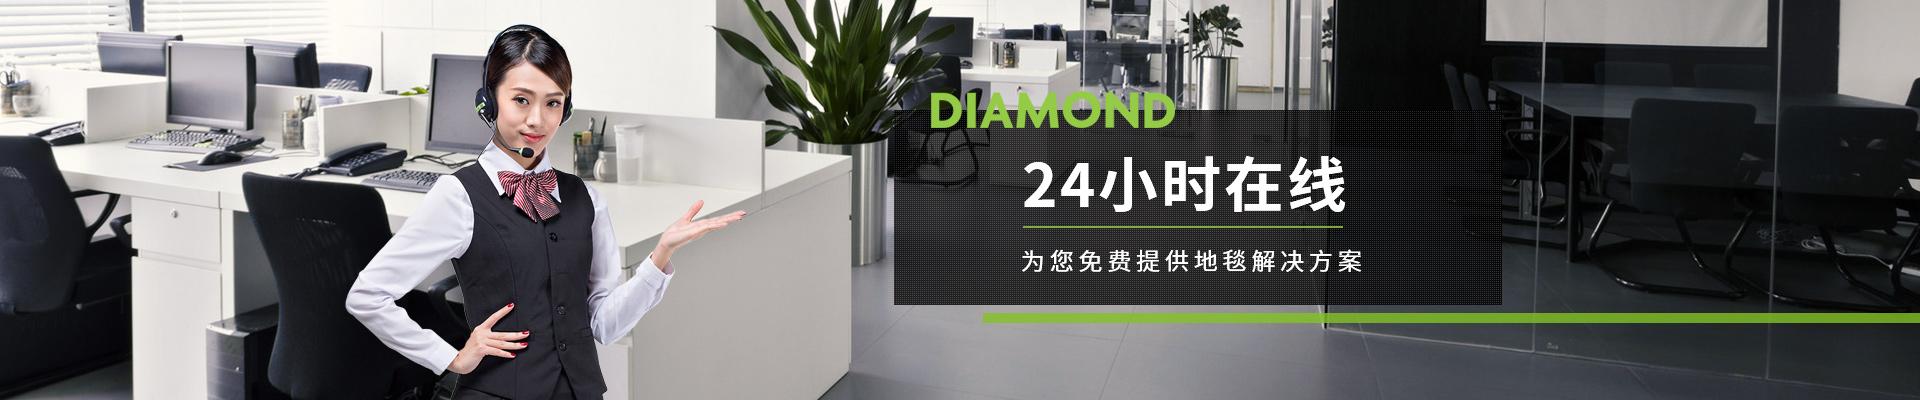 钻石地毯-24小时在线,为您免费提供地毯解决方案